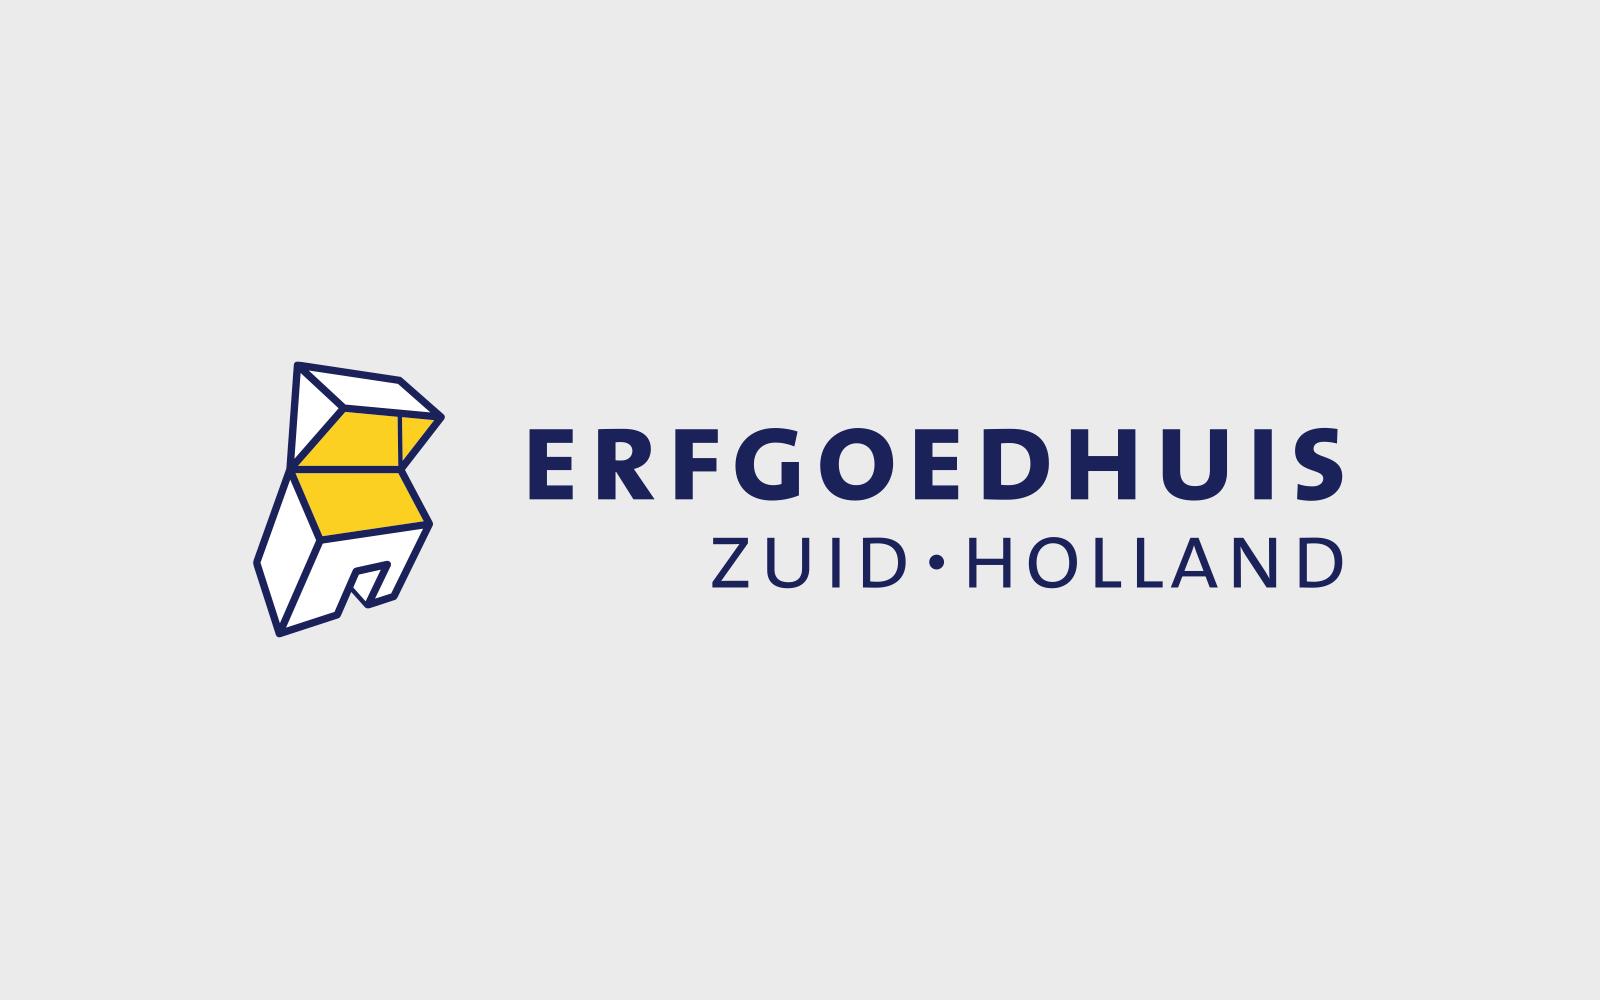 erfgoedhuis-logo